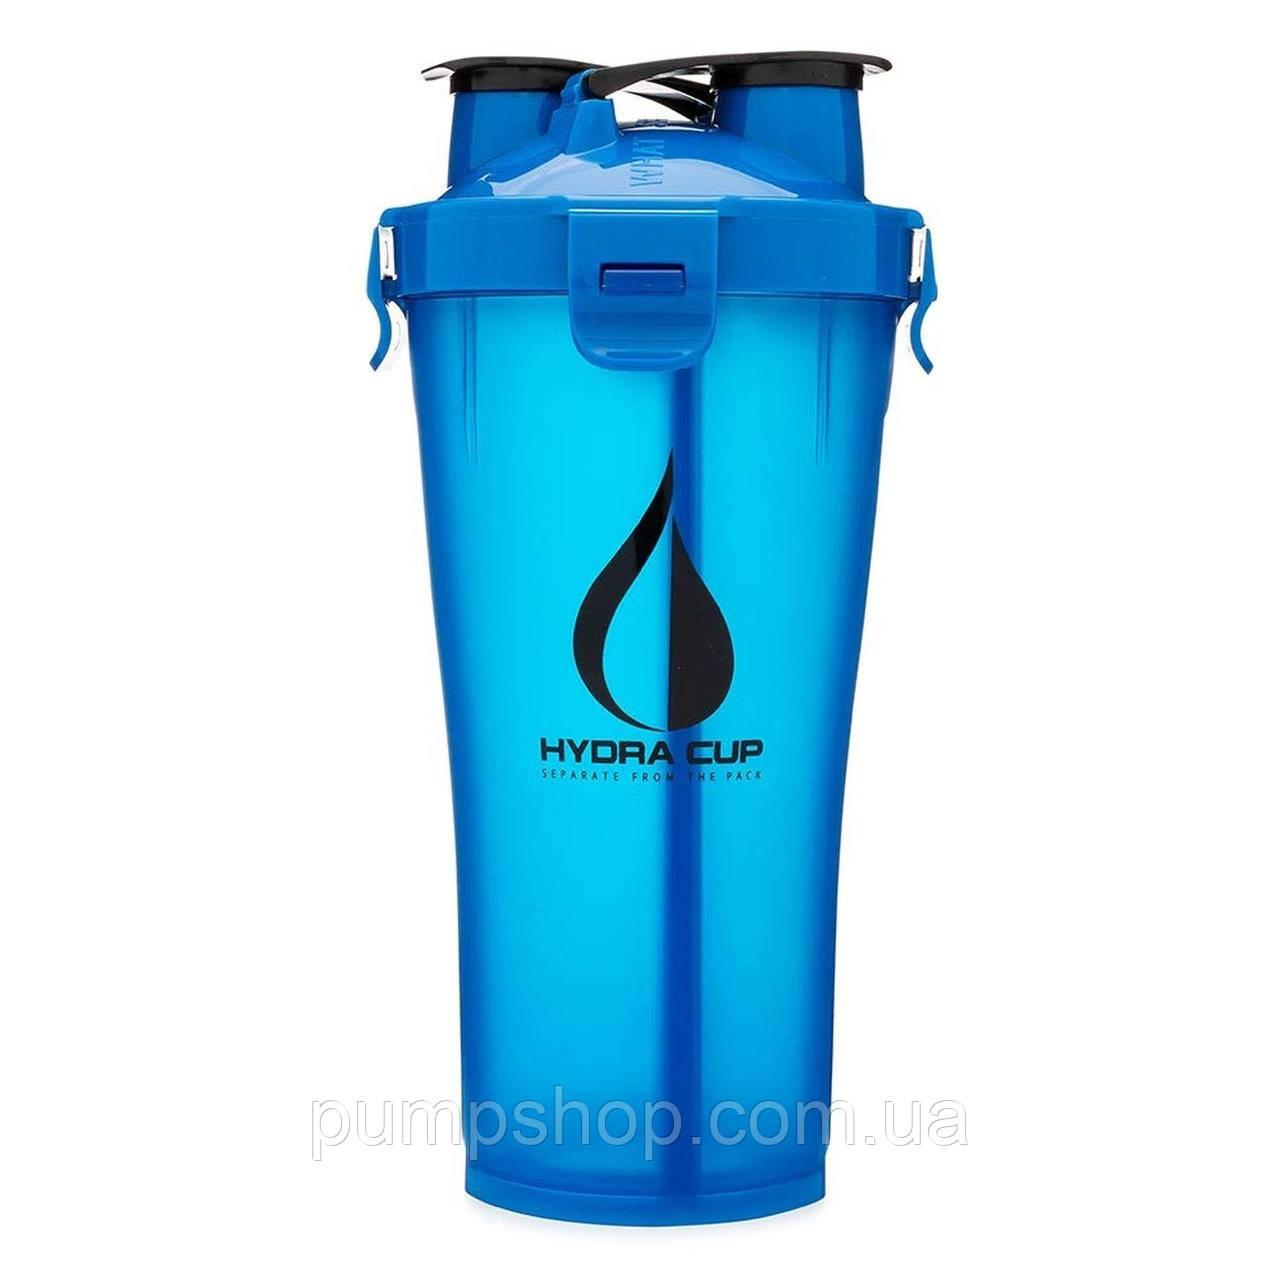 Шейкер с двумя отсеками Hydra Cup 3.0 blue синий на 1036 мл (США)